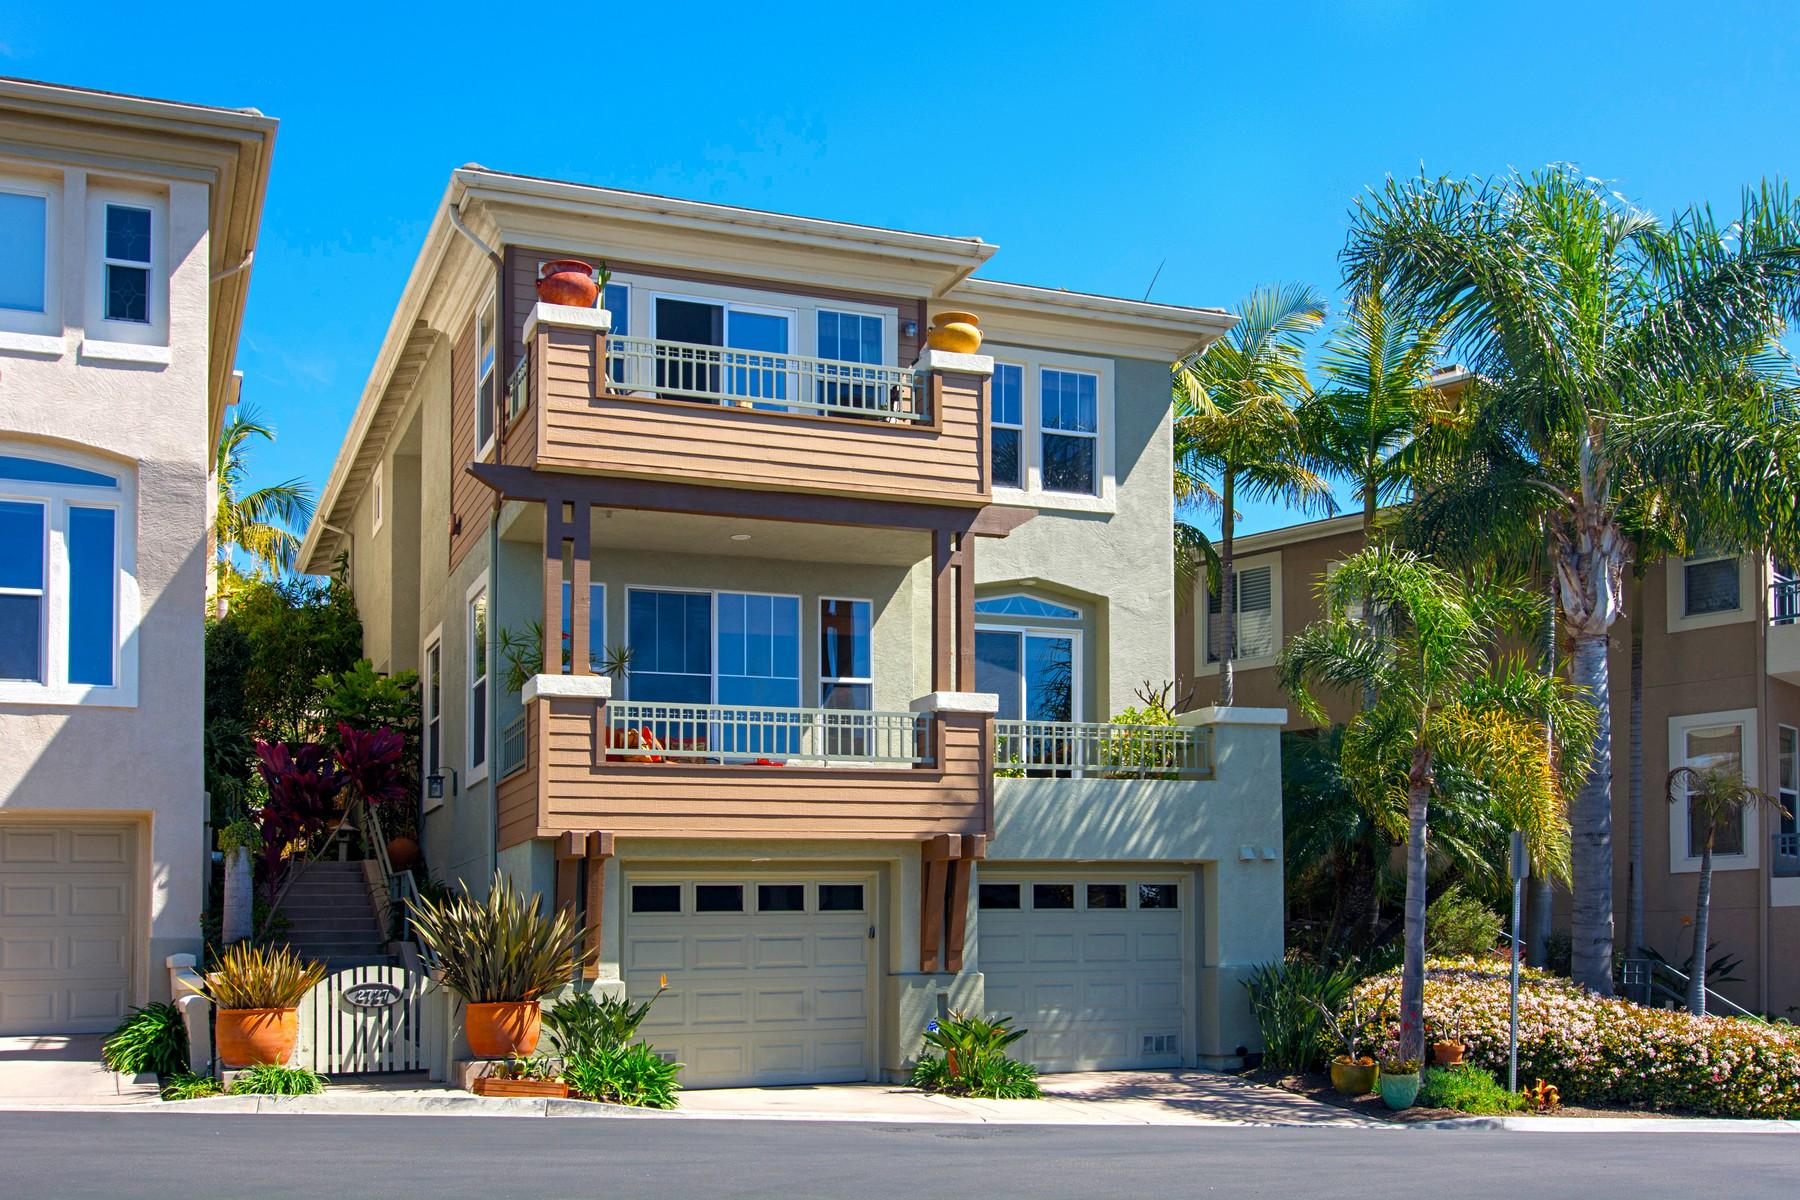 Casa Unifamiliar por un Venta en 2727 MacKinnon Ranch Road 2727 MacKinnon Ranch Road Cardiff By The Sea, California 92007 Estados Unidos